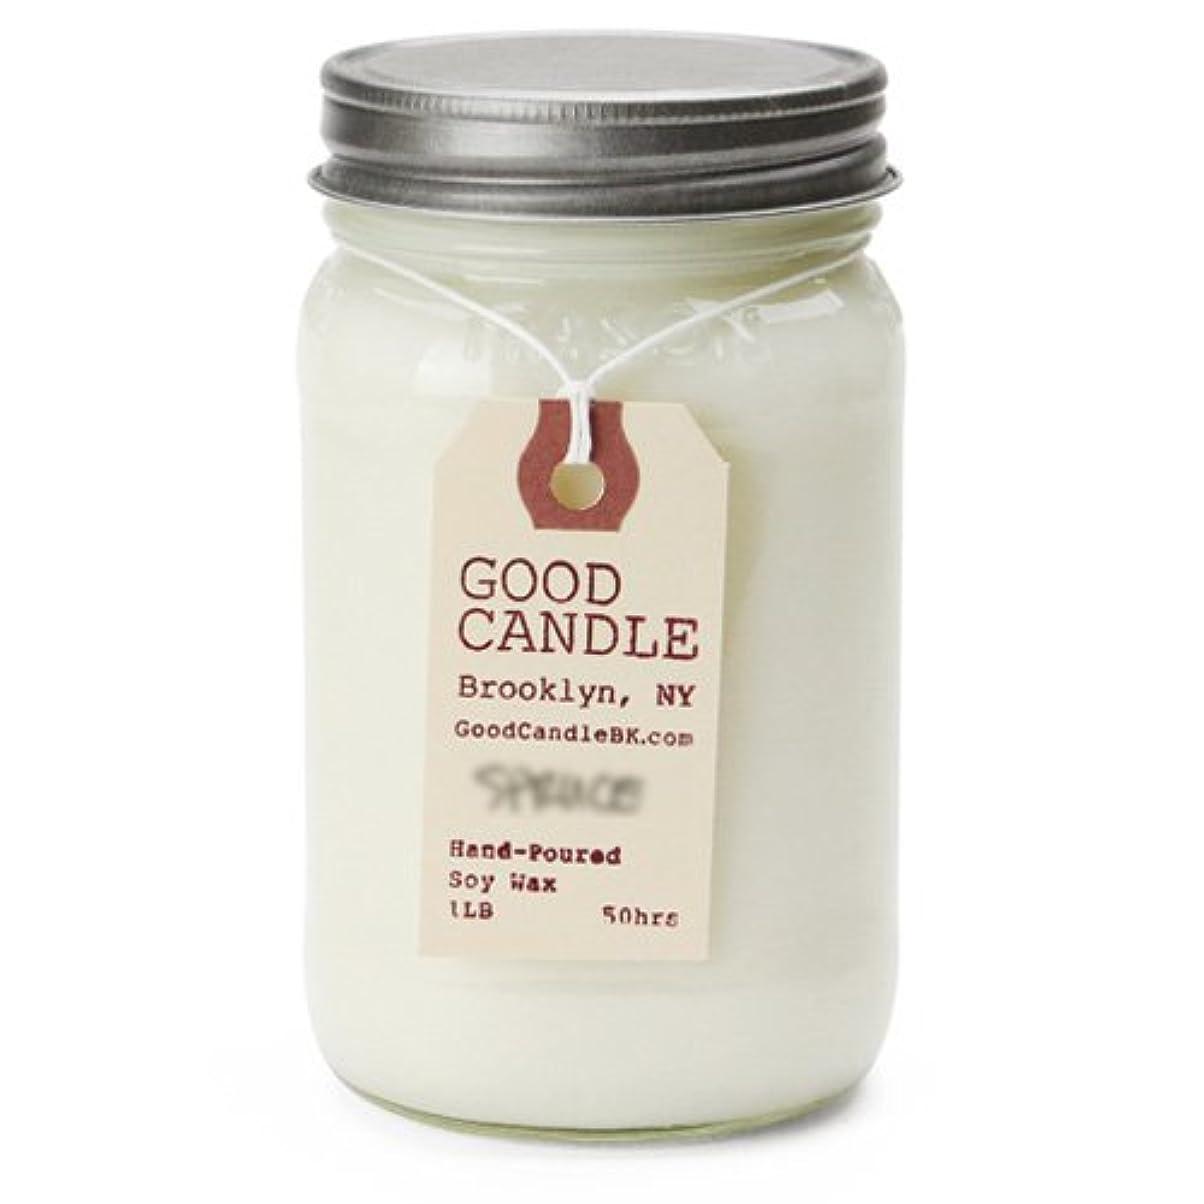 流暢タック義務付けられたグッドキャンドル 1ポンド メイソンジャー キャンドル Good Candle 1LB Mason jar candle [ Wash board ] 正規品